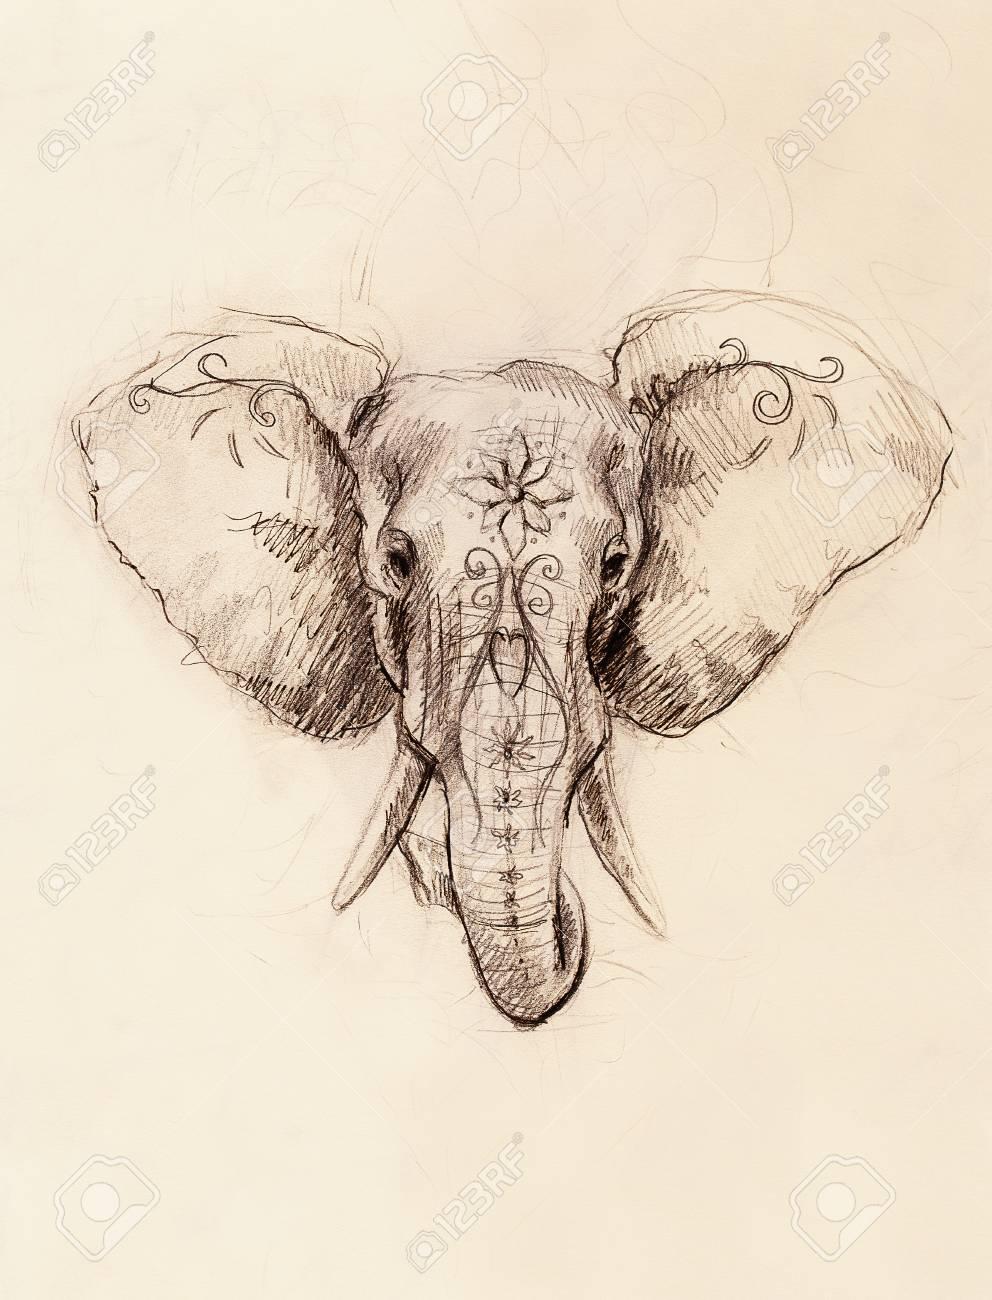 Elefante Con El Ornamento Floral Dibujo A Lápiz Sobre Papel Fotos